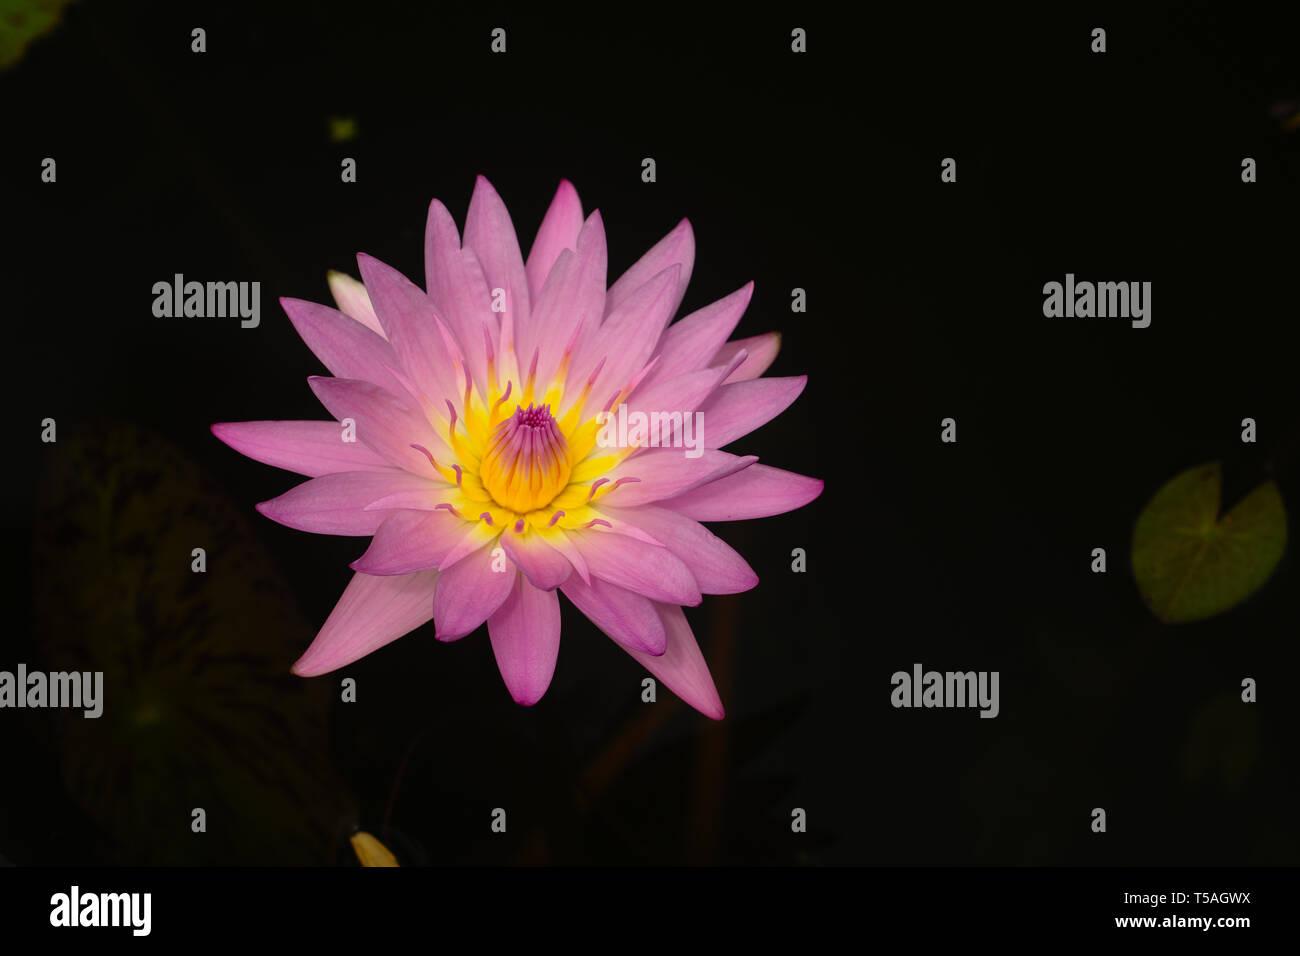 Flor de Loto - Stock Image